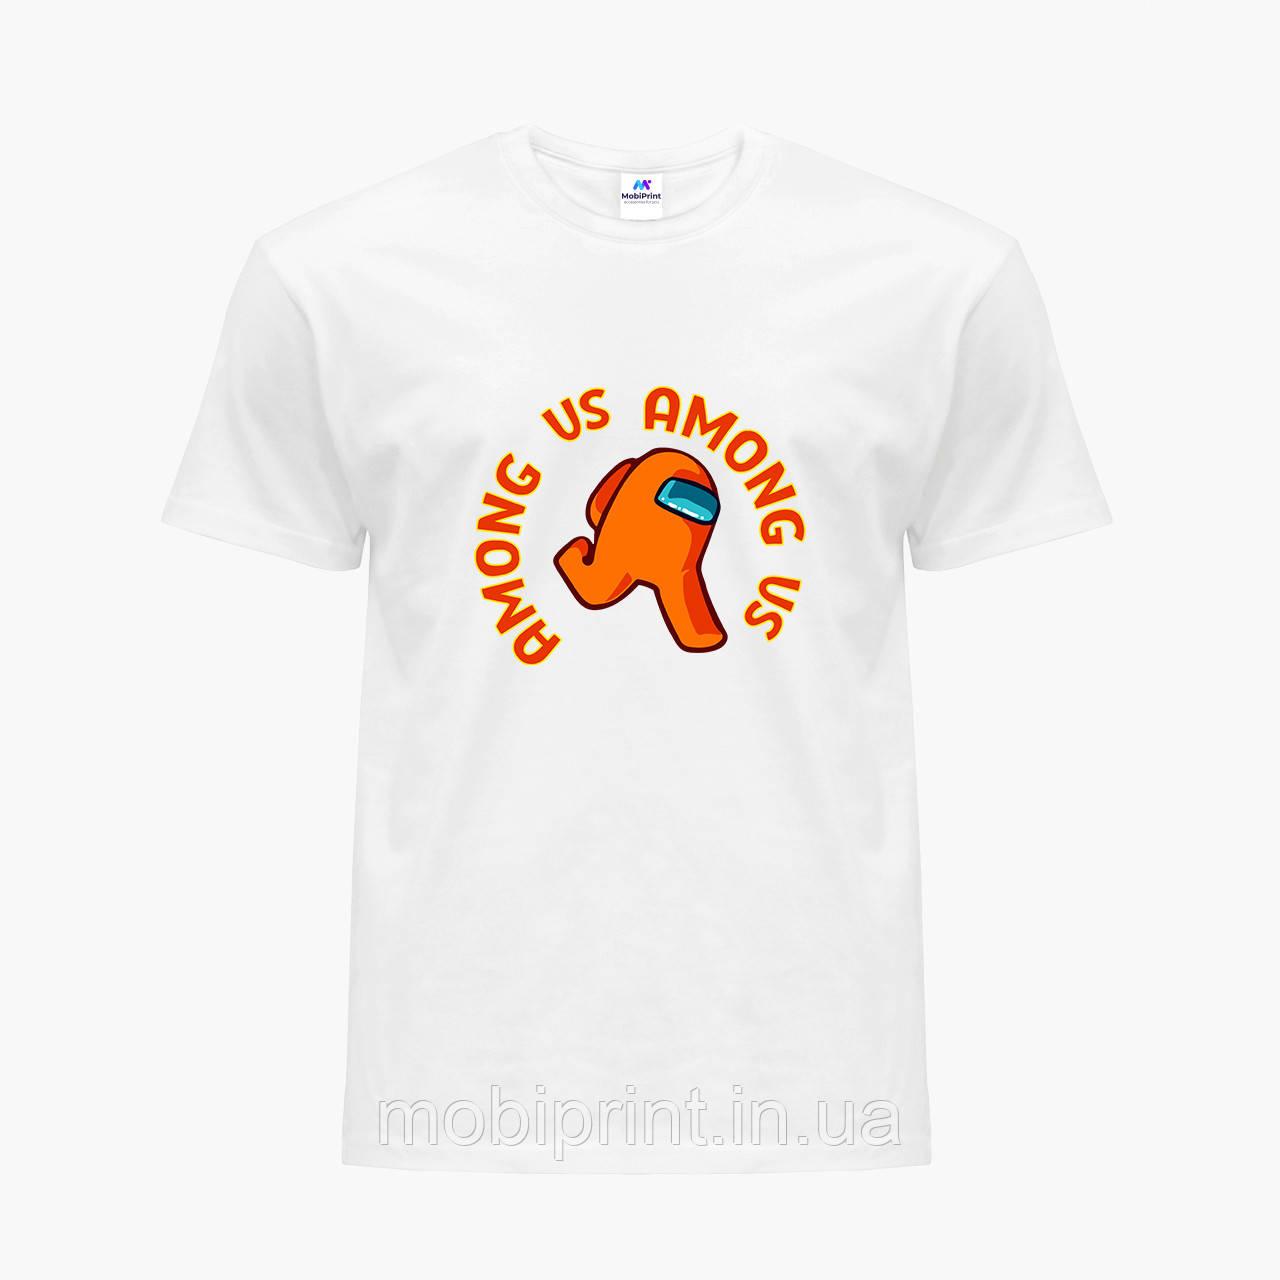 Футболка детская Амонг Ас Оранжевый (Among Us Orange) Белый (9224-2408)